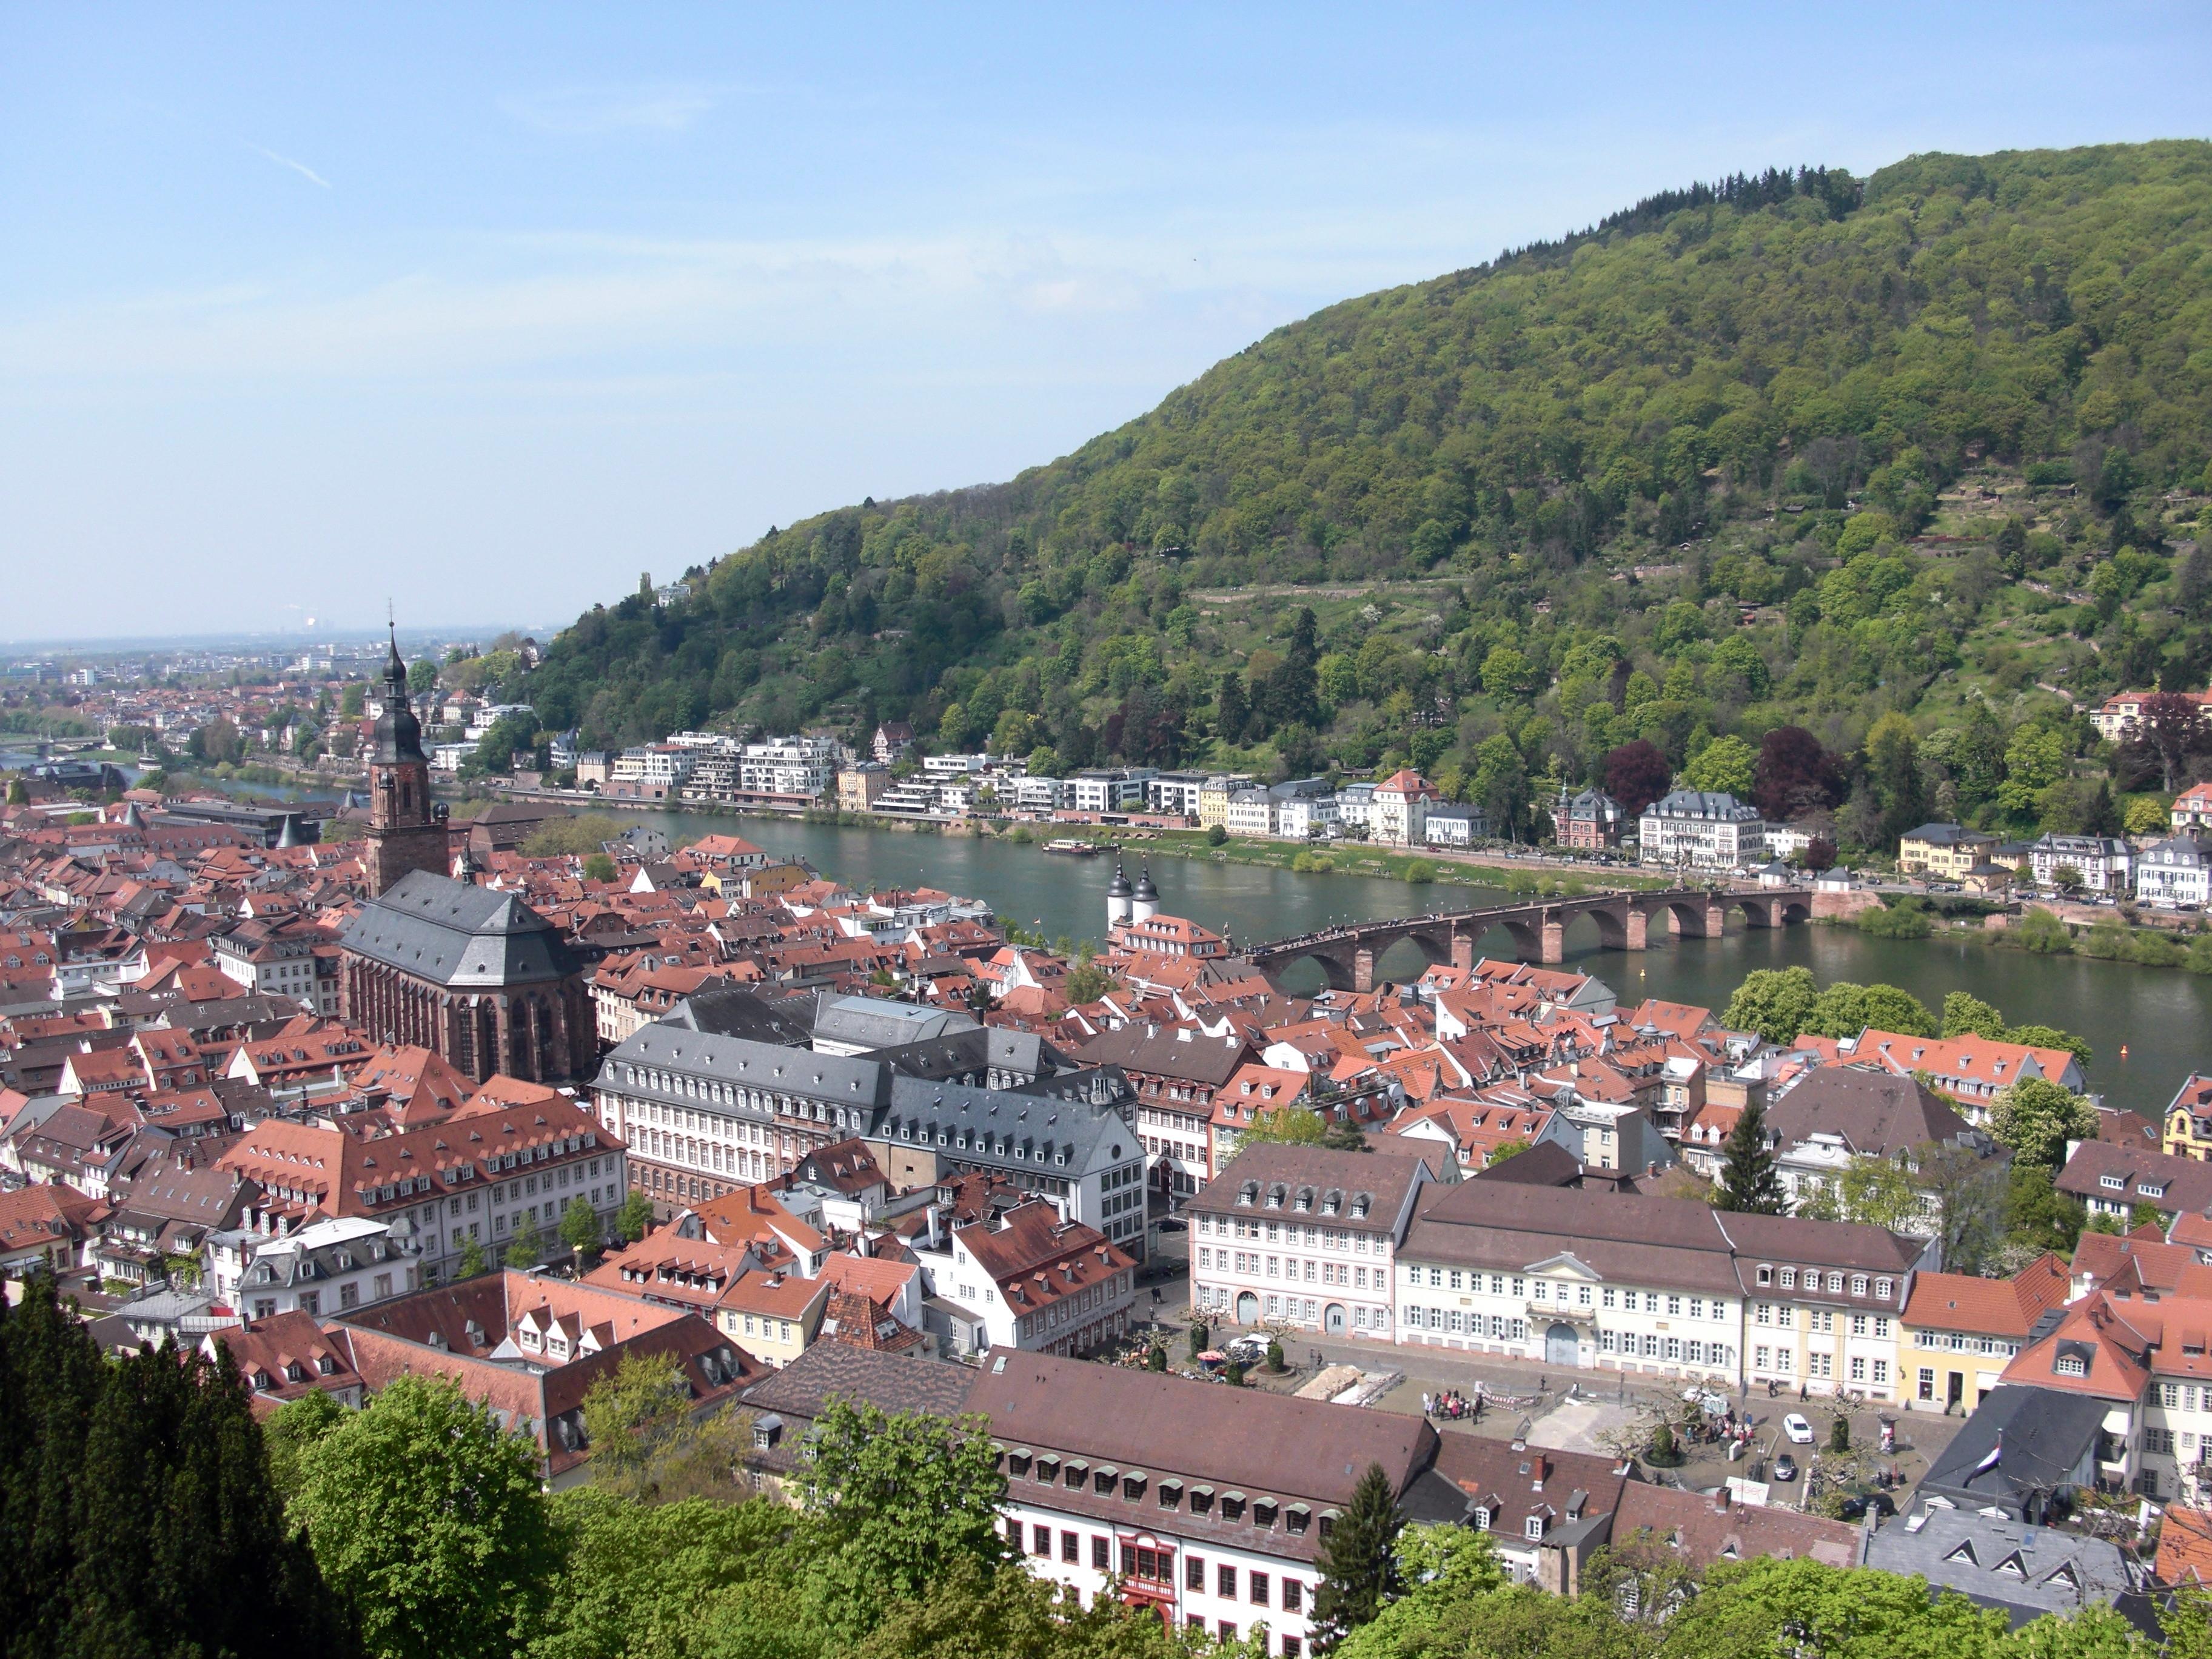 Abb. 6: Aussicht über Heidelberg vom Schloss aus (Foto: Matthias Appelt)